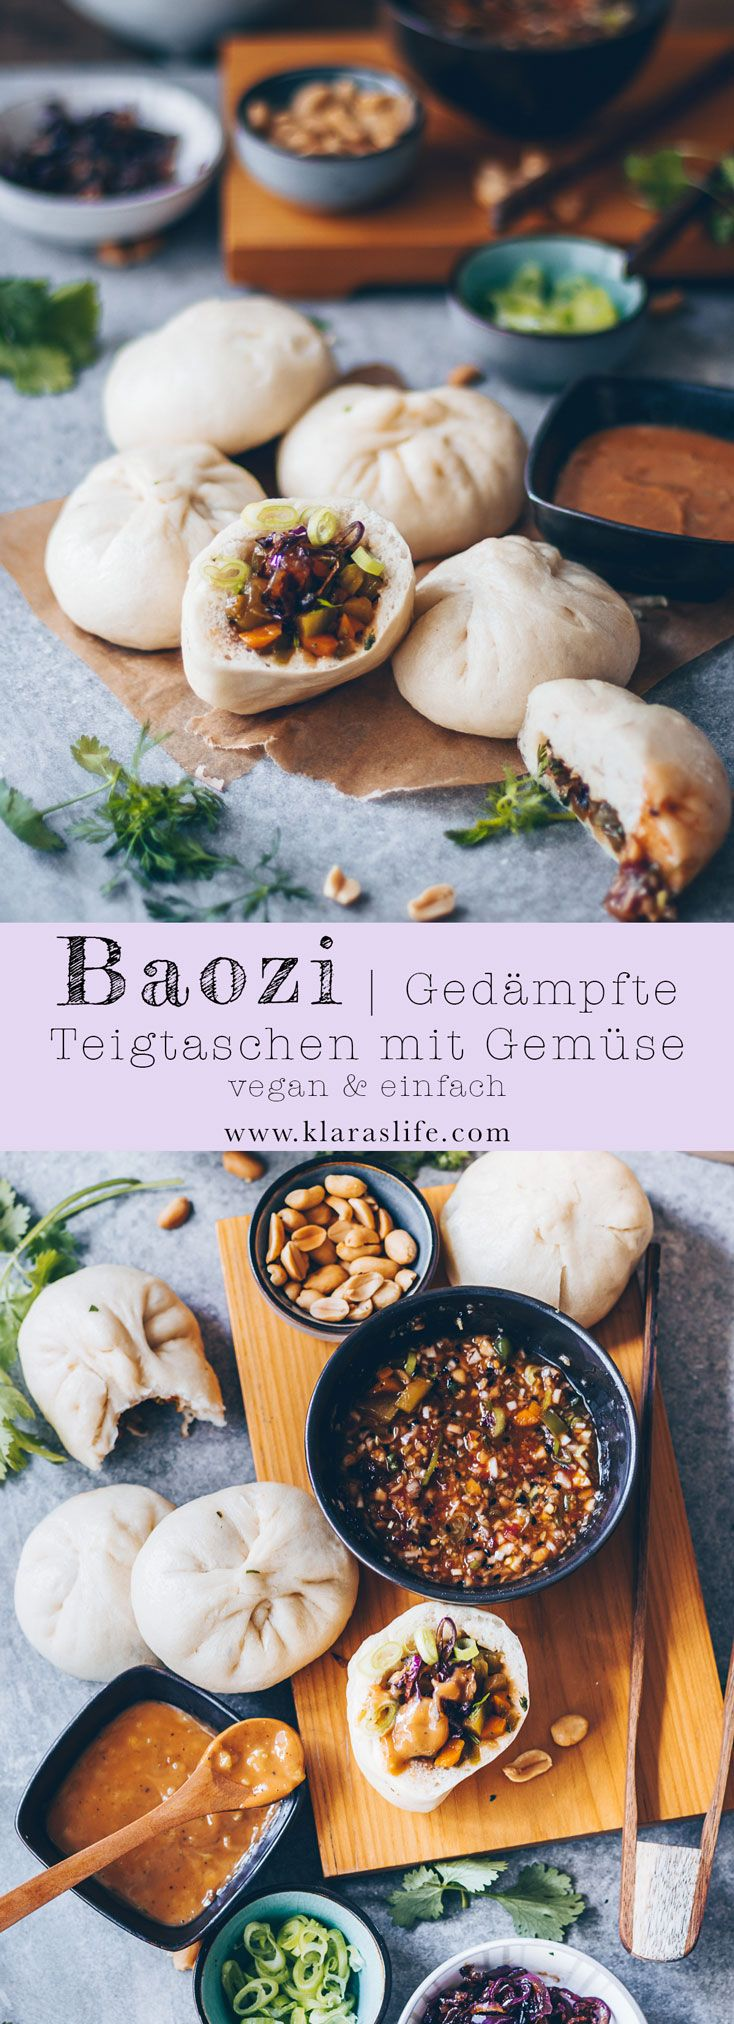 Baozi | Gedämpfte Teigtaschen mit Gemüse - Werbung - Klara`s Life #pizzateig